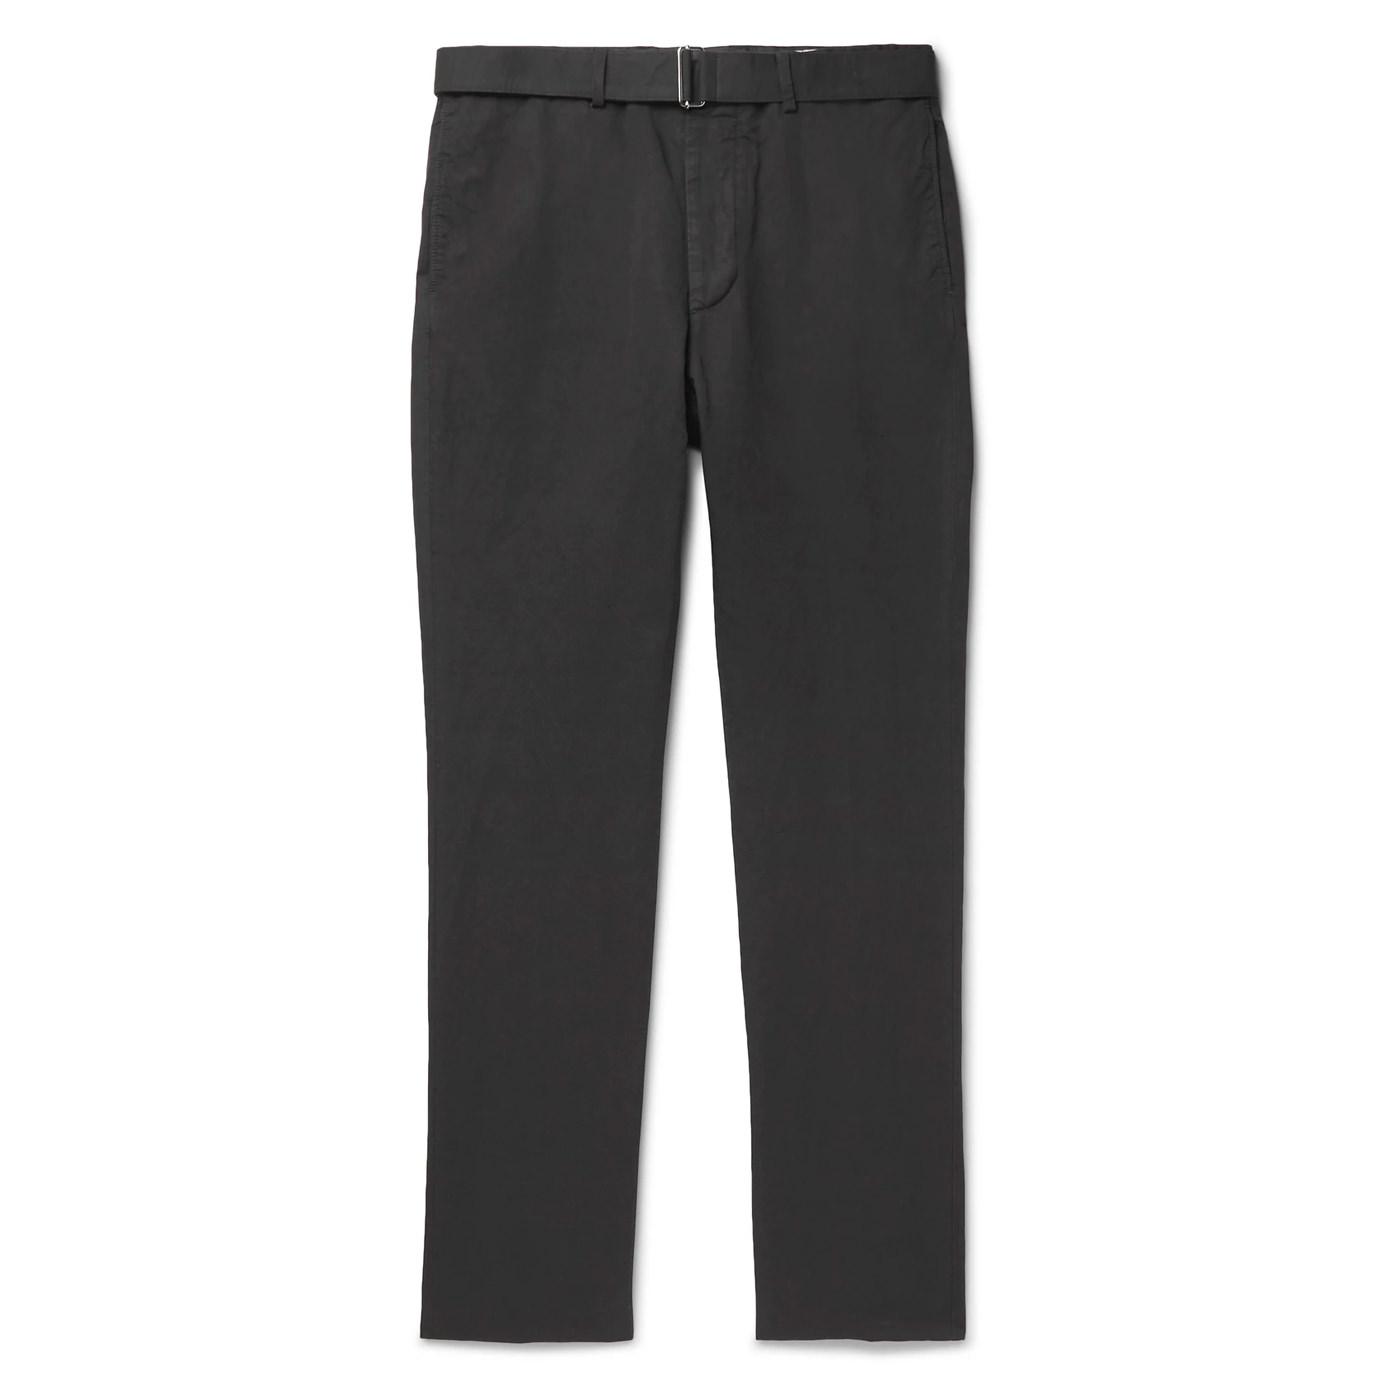 Style Mr Porter Pantalon Officine Generale Gris Lin Coton